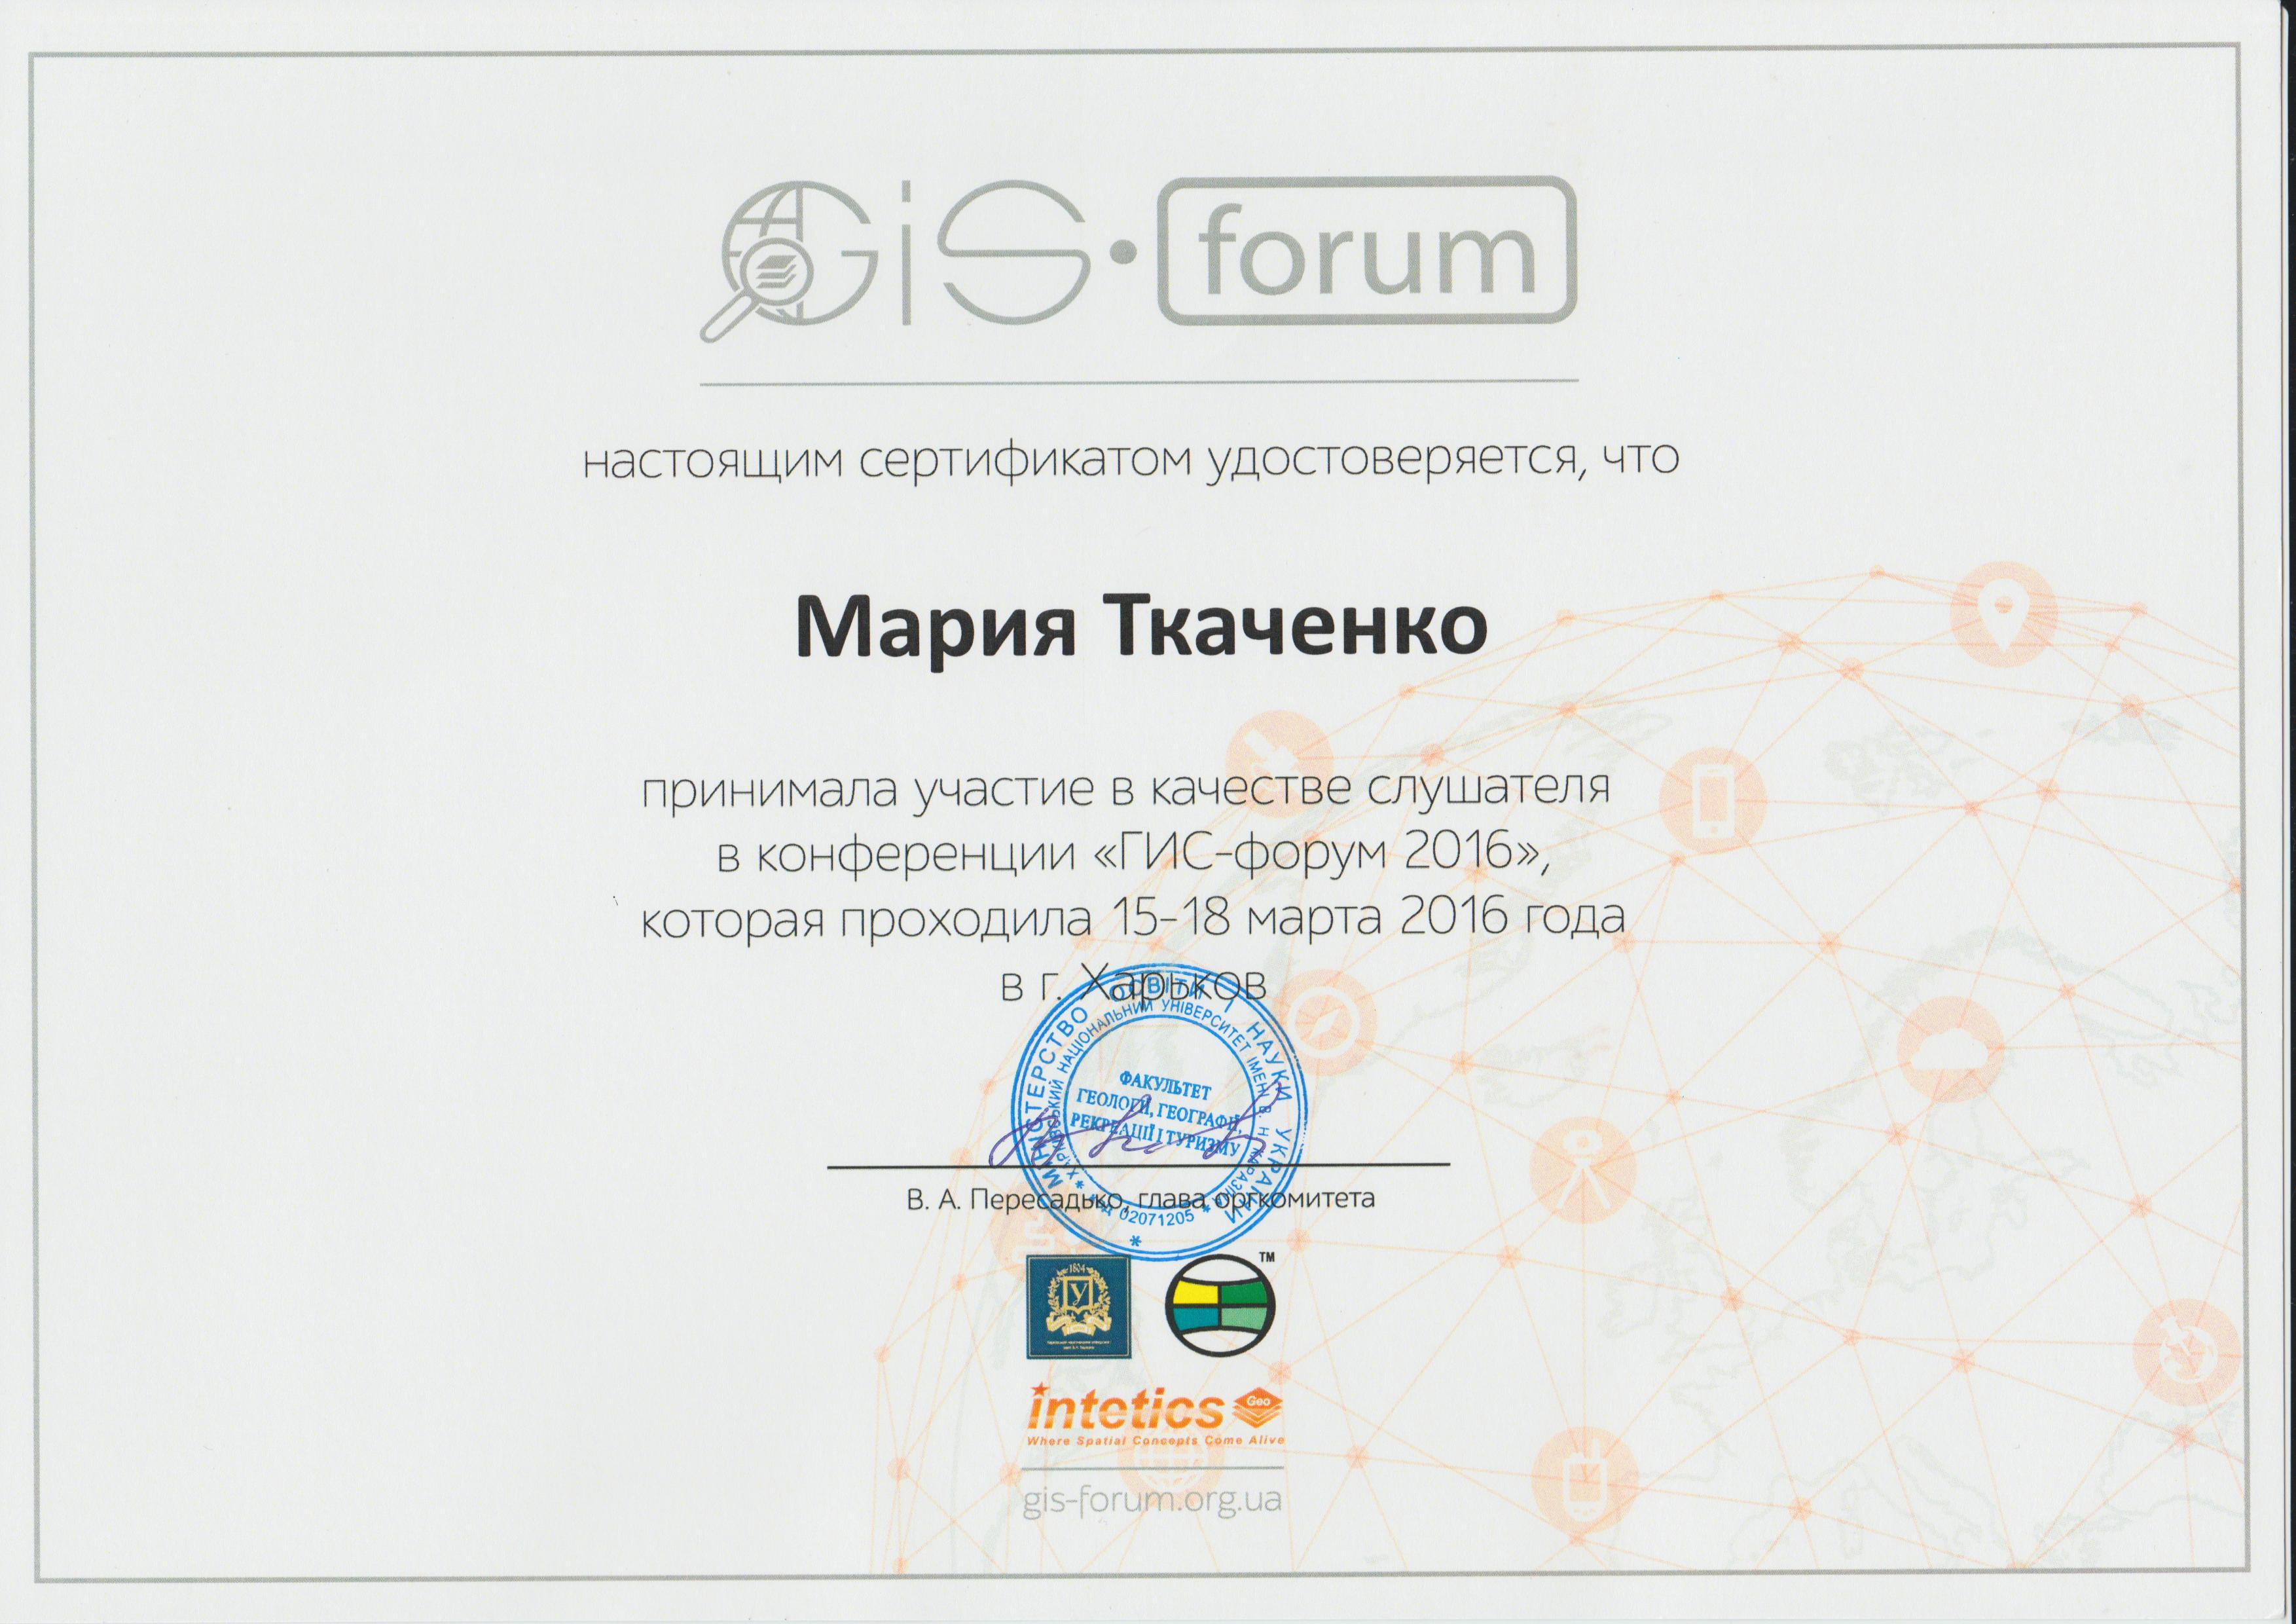 lbgkjv - 0002